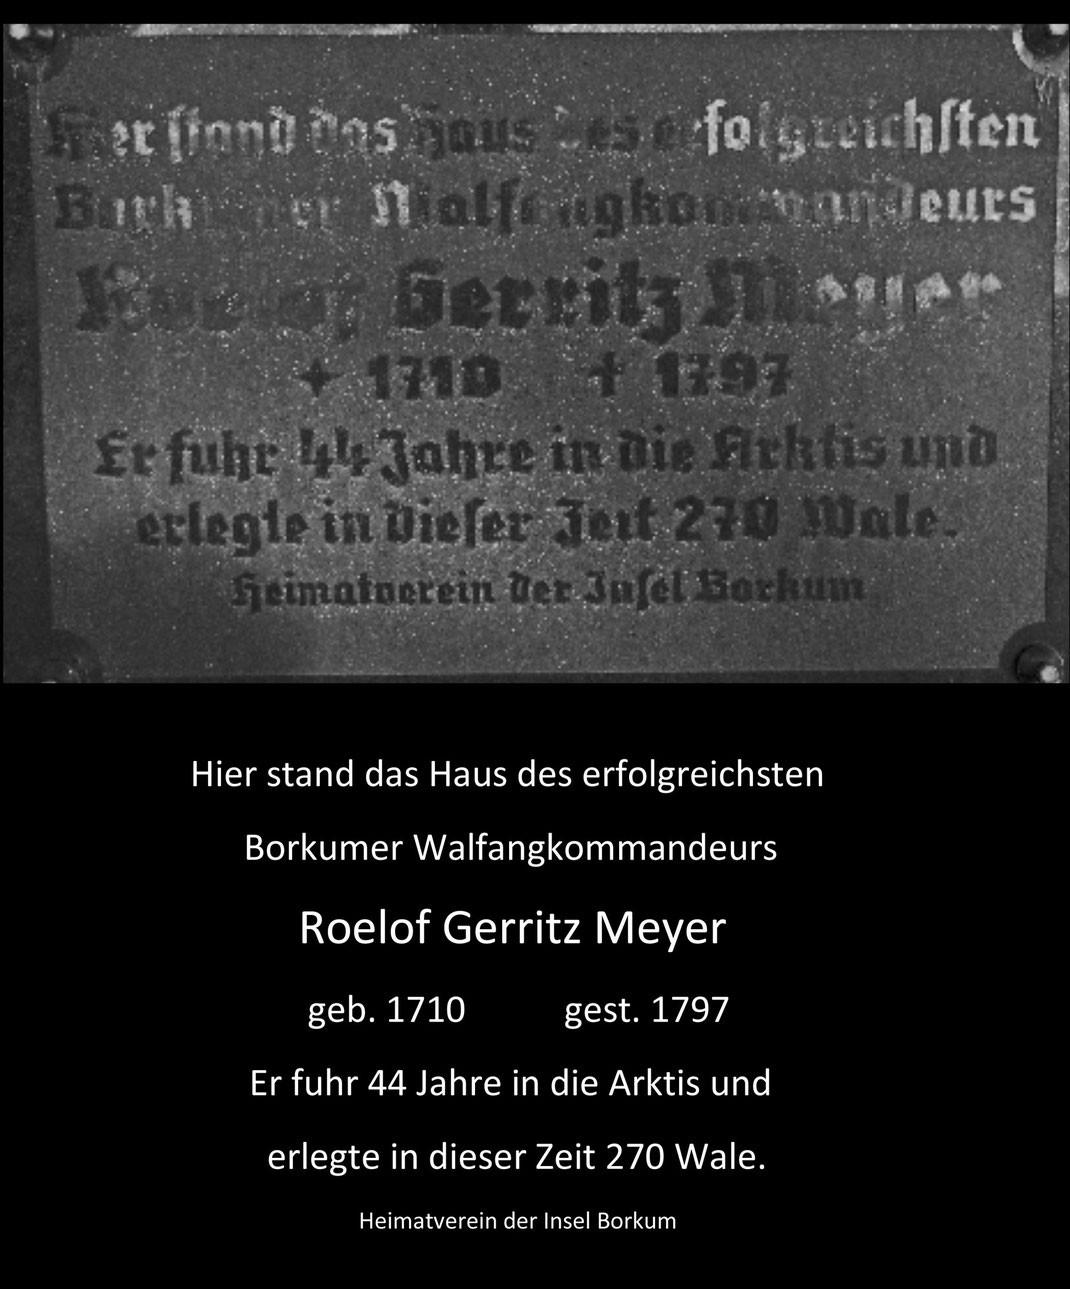 gerritz-meyer